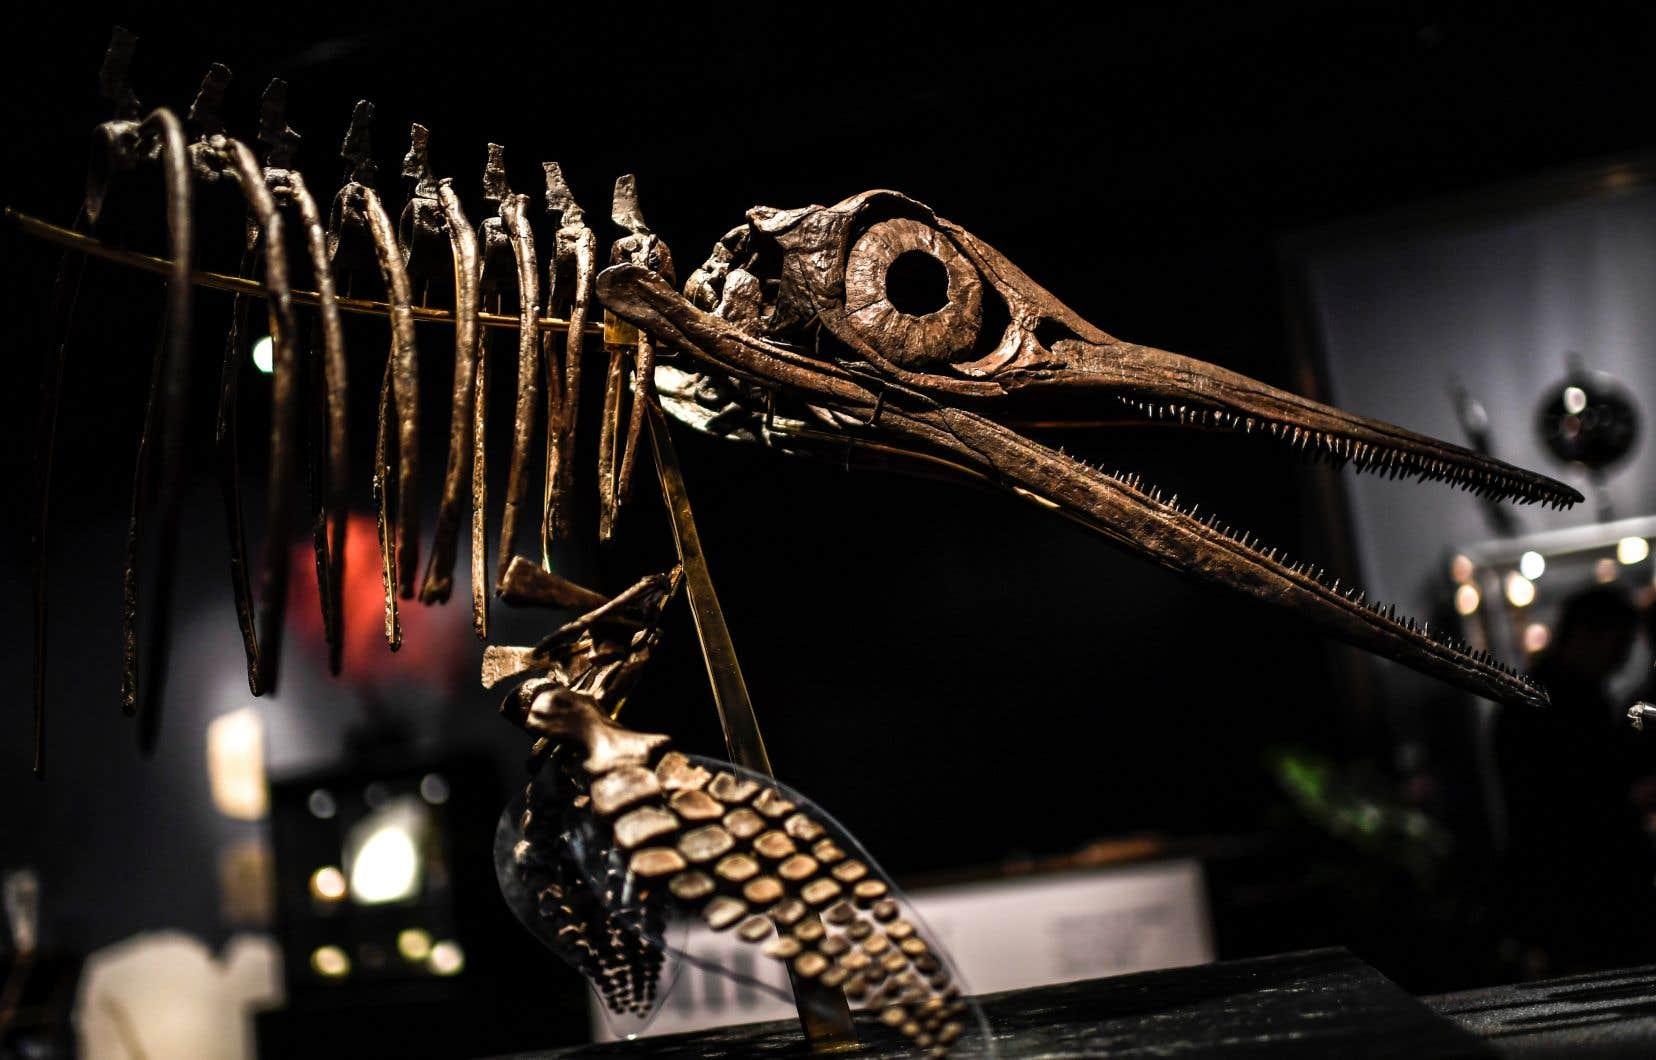 Un squelette d'<em>Ichtyosaurus</em> avait été mis en vente par l'hôtel Drouot en novembre dernier.